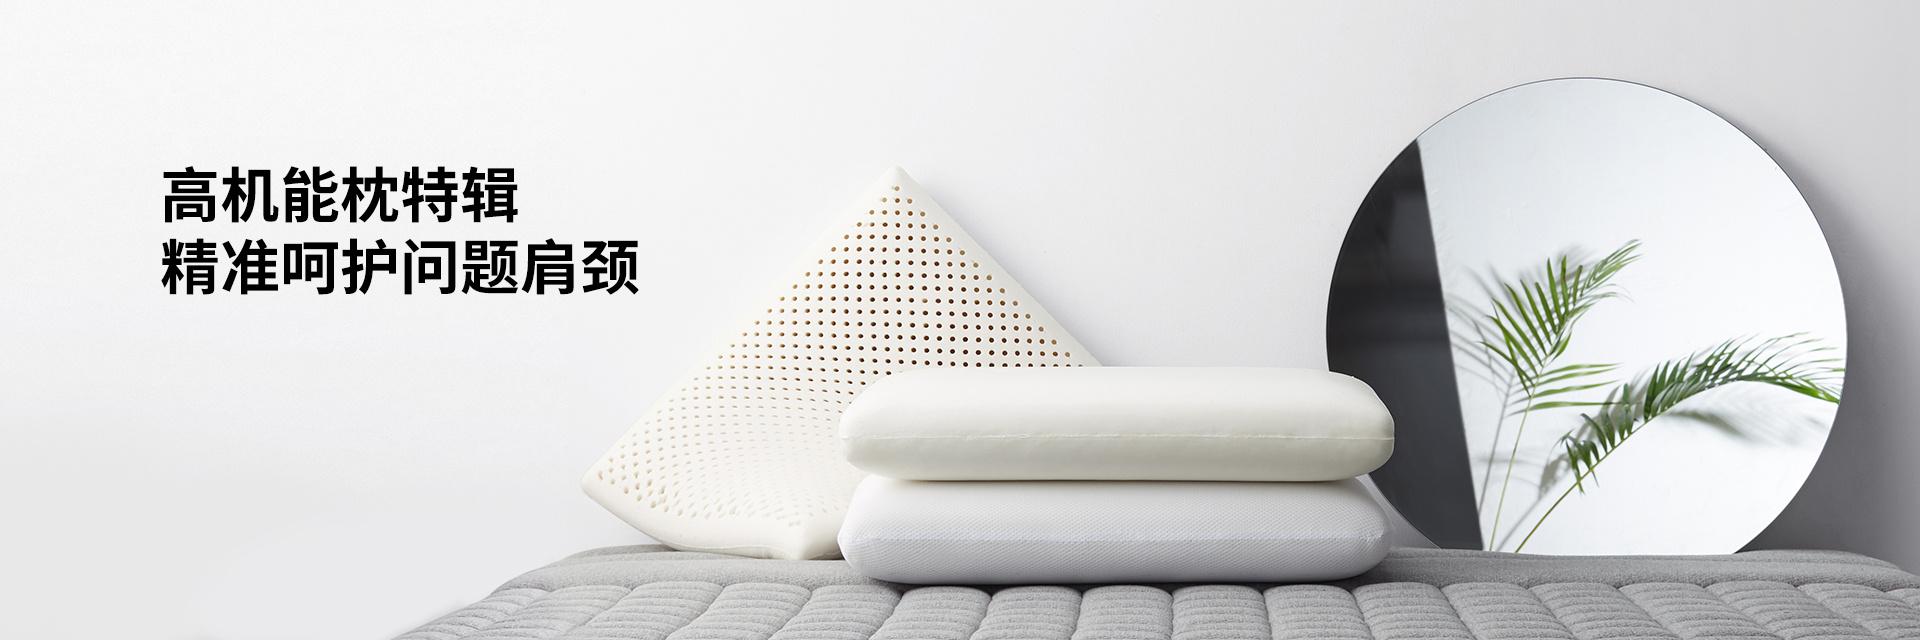 3款机能枕